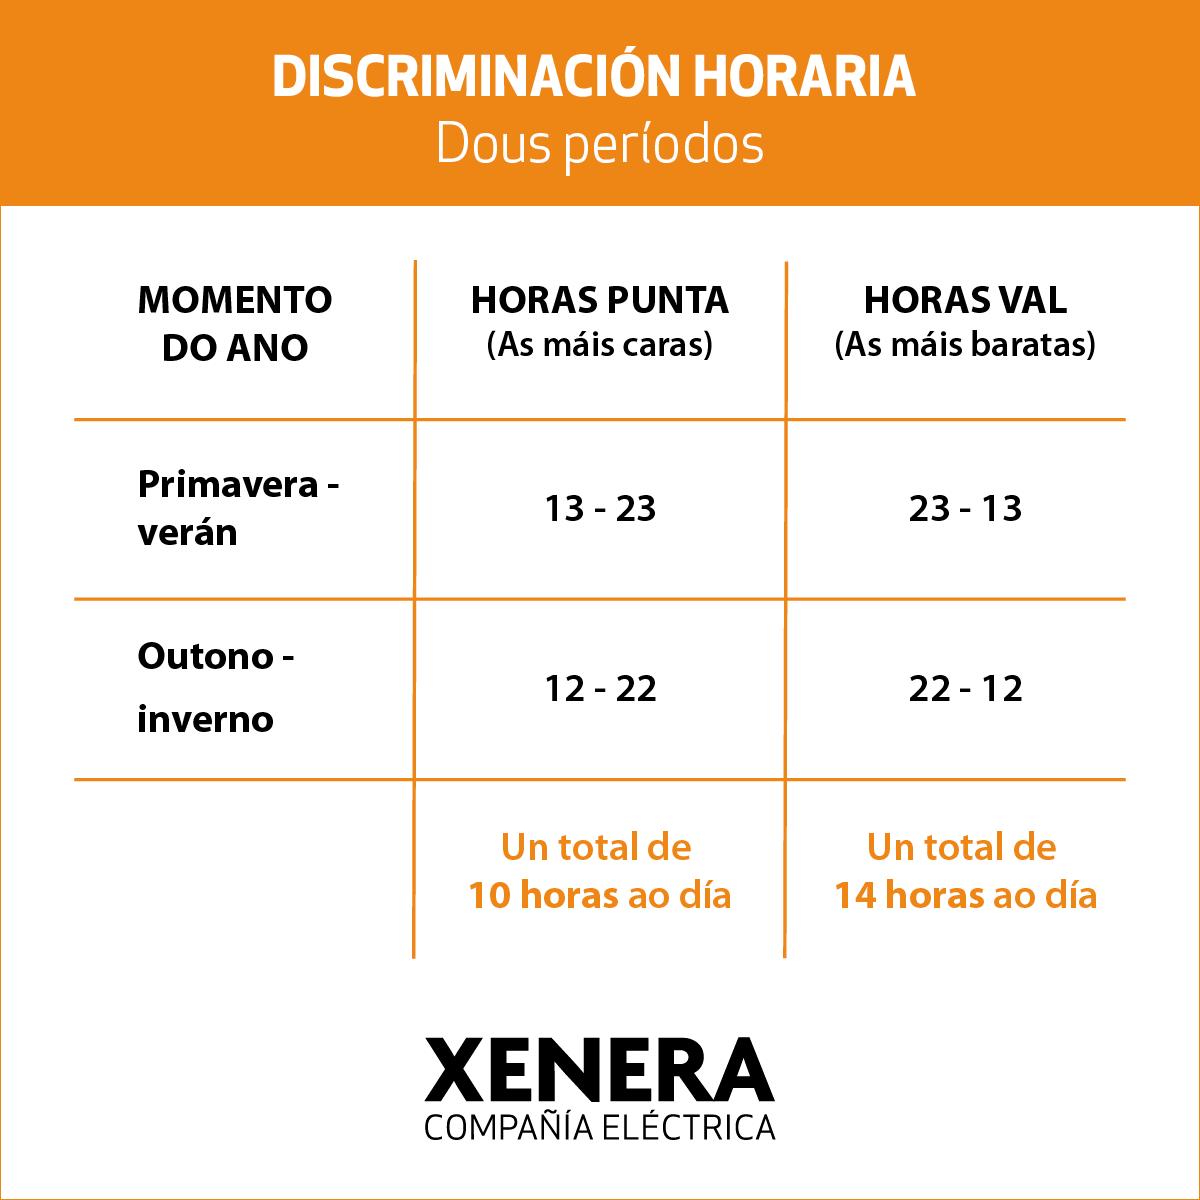 Discriminación Horaria dous períodos.